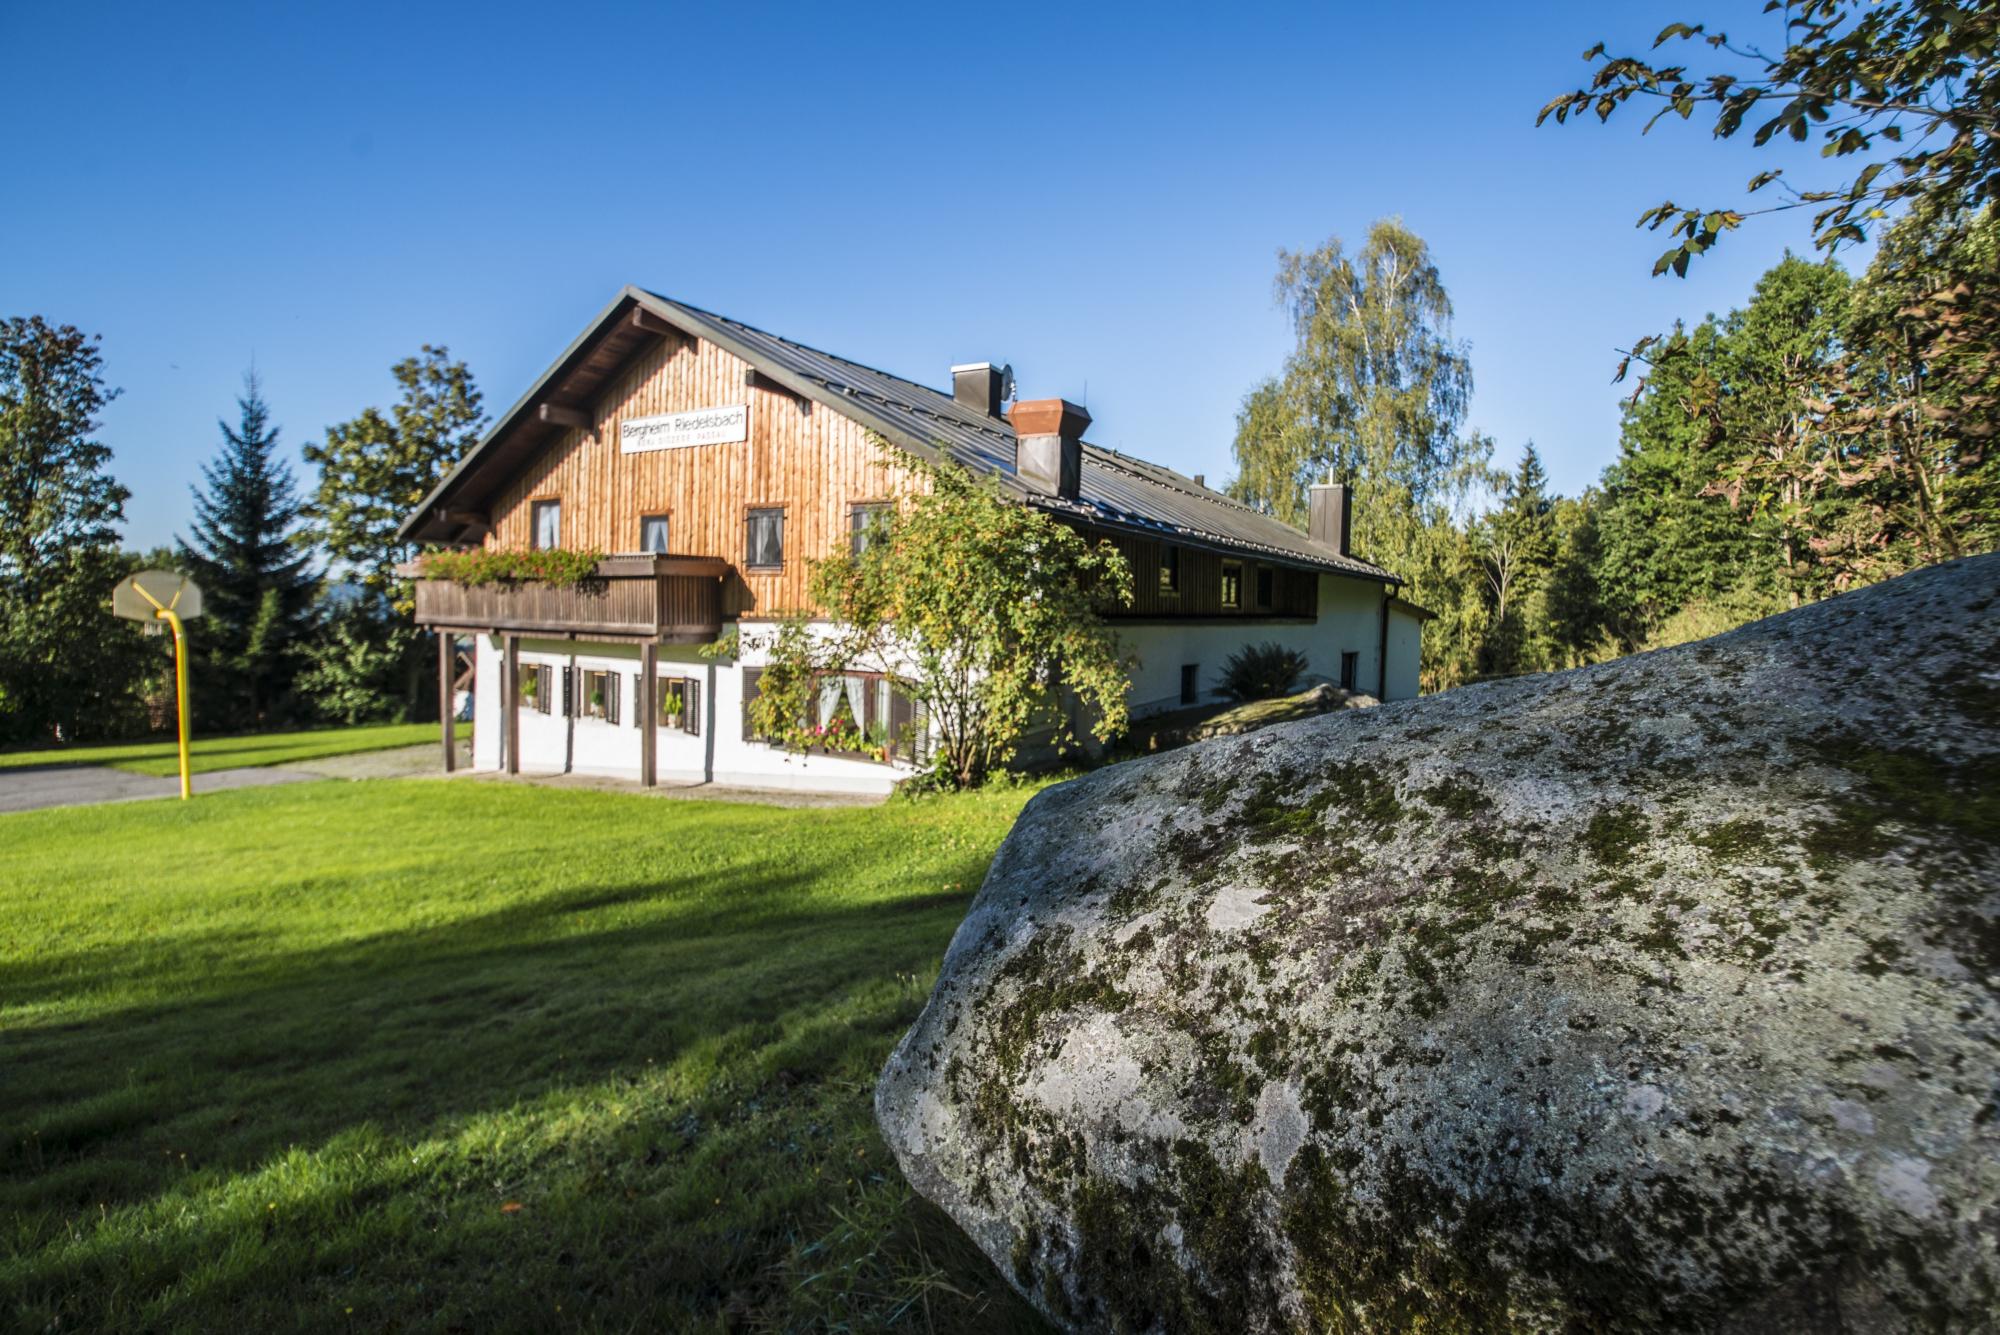 2019 haeuser raume jugendbildungshaus bergheim riedelsbach